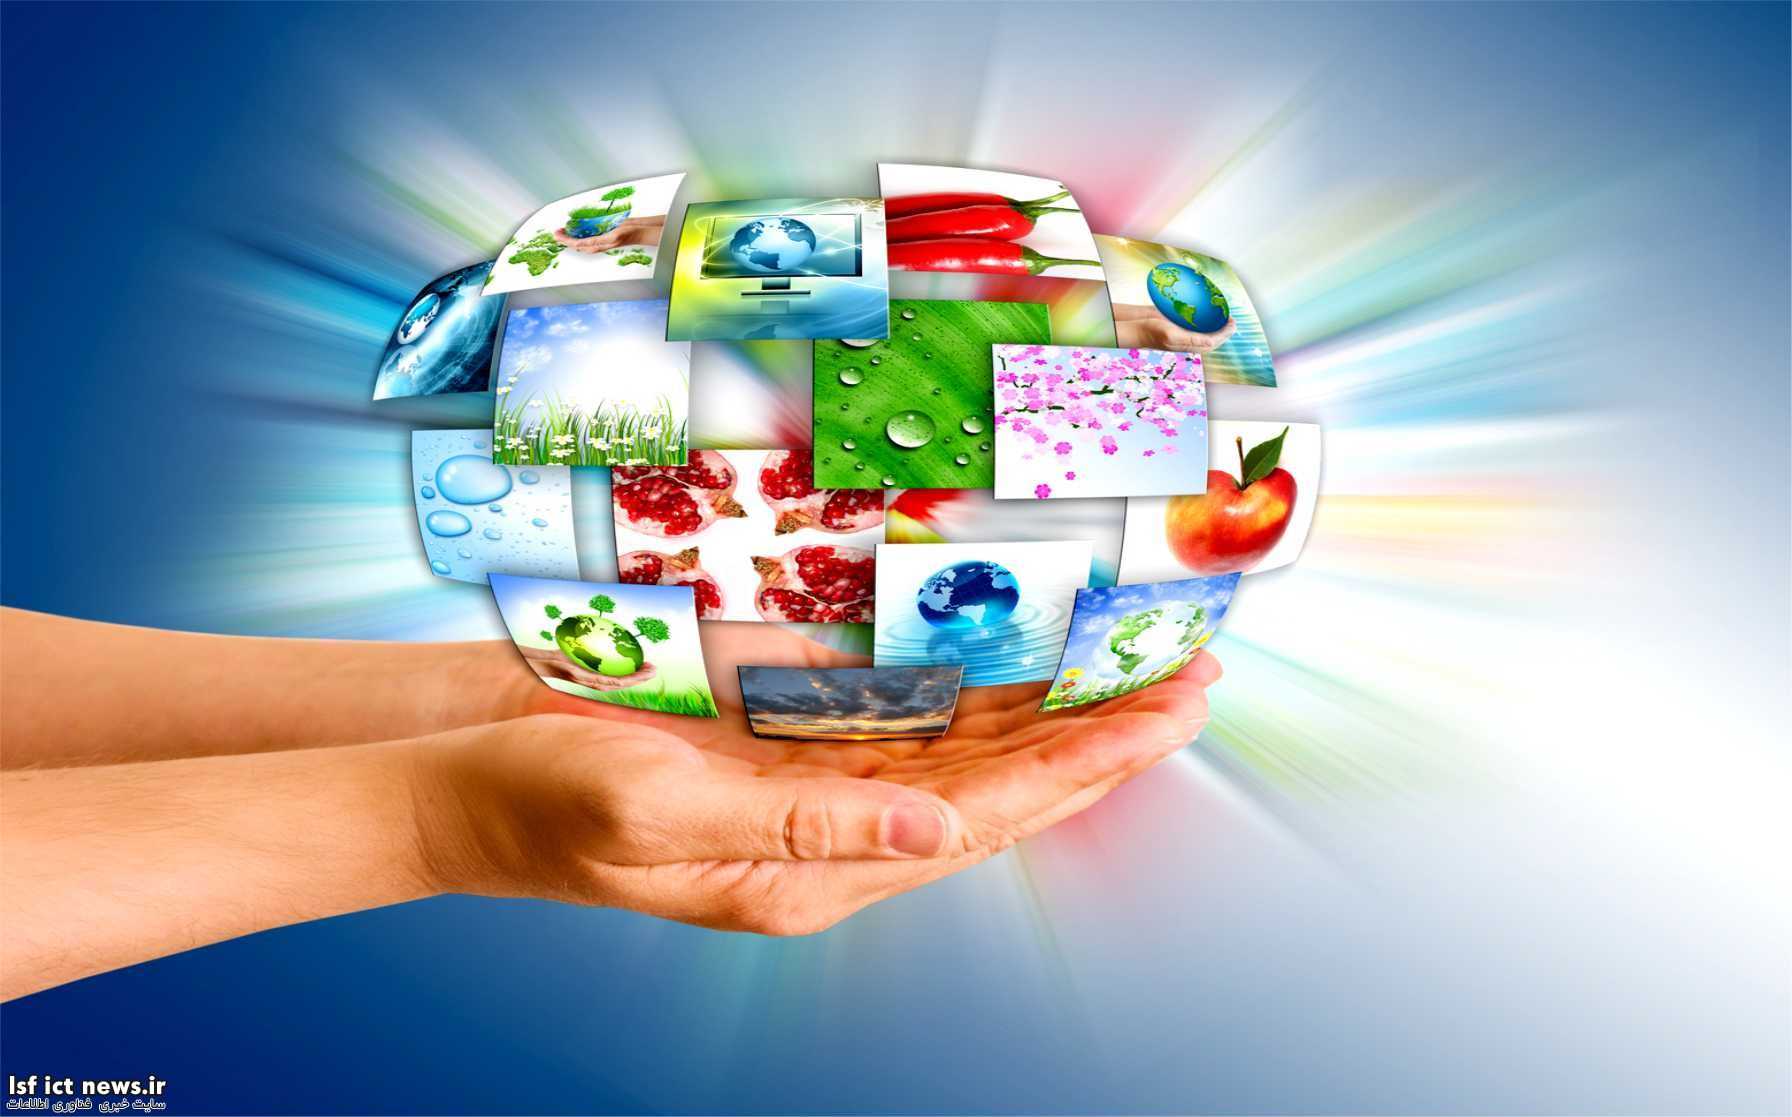 ایرانسل عرضه خدمات بیمهای از طریق تلفنهمراه را ممکن ساخت